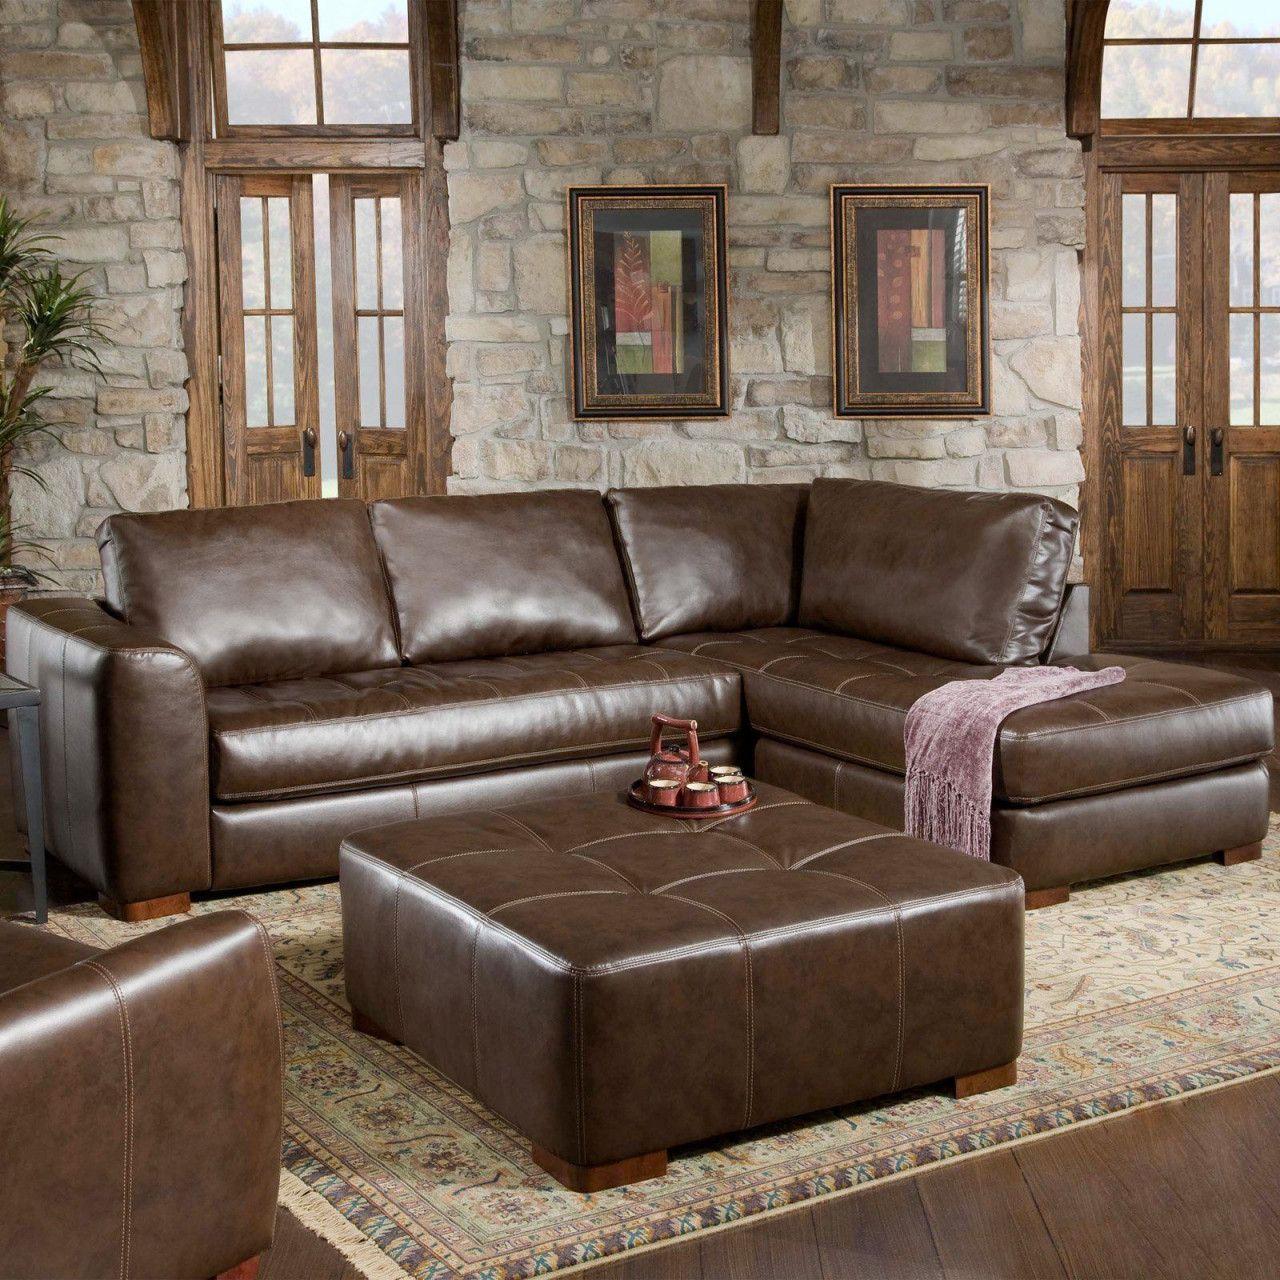 Living Room Design Ideas 50 Inspirational Sofas: 50 Inspirational 2 Piece Coffee Table 2020